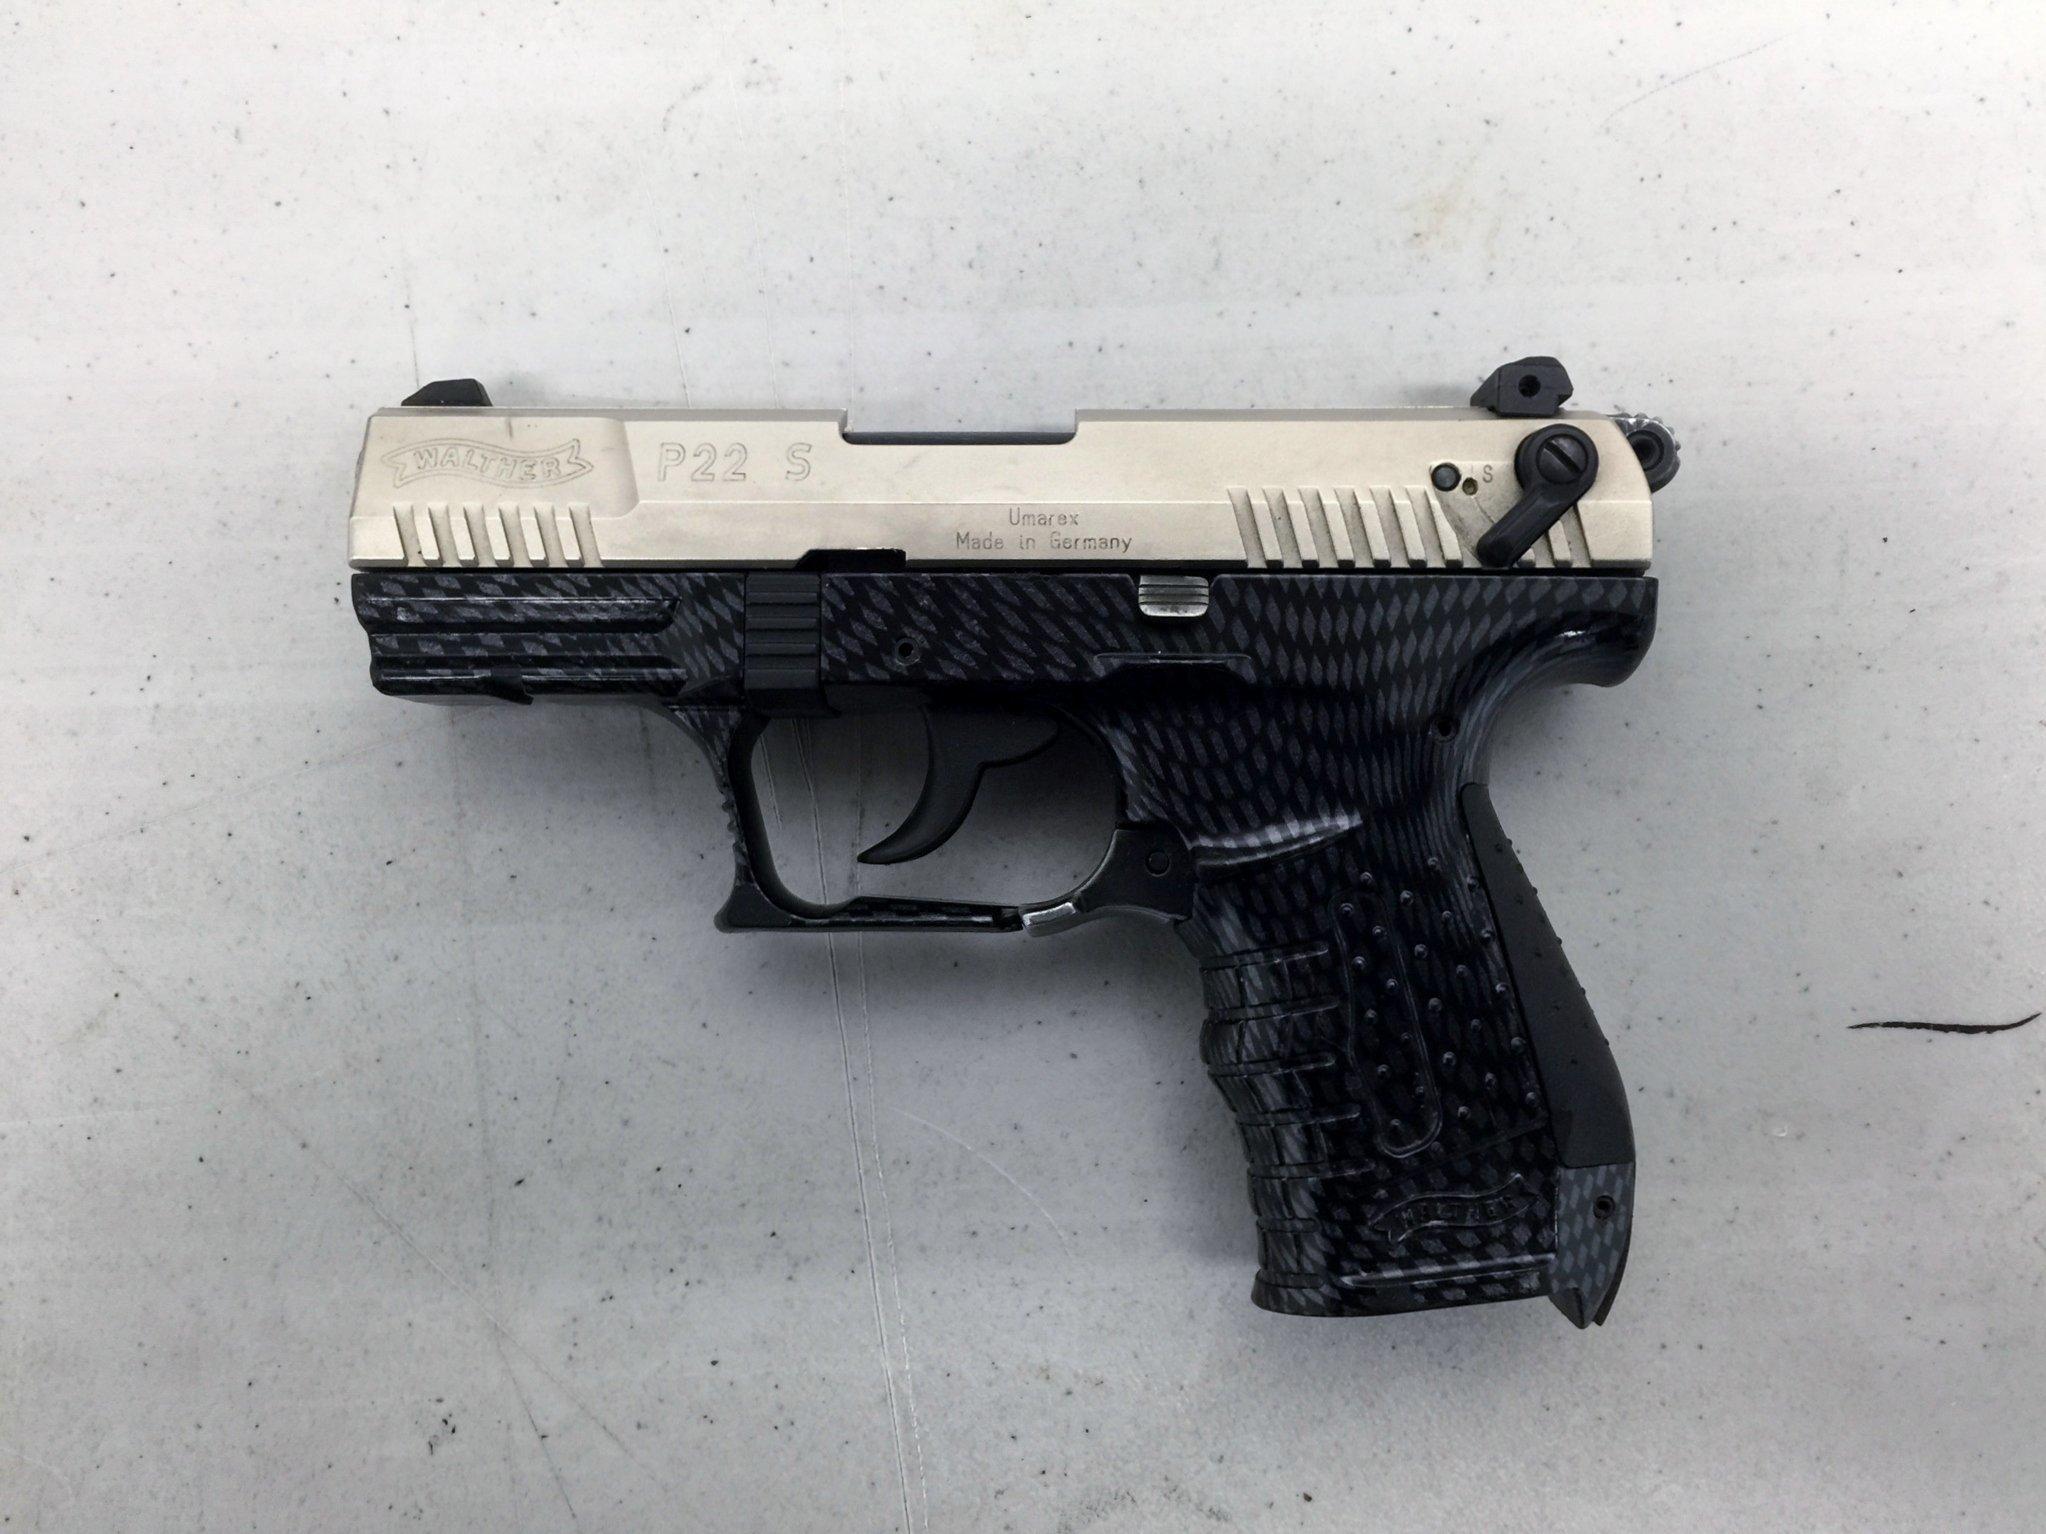 Is my old gun license still validating